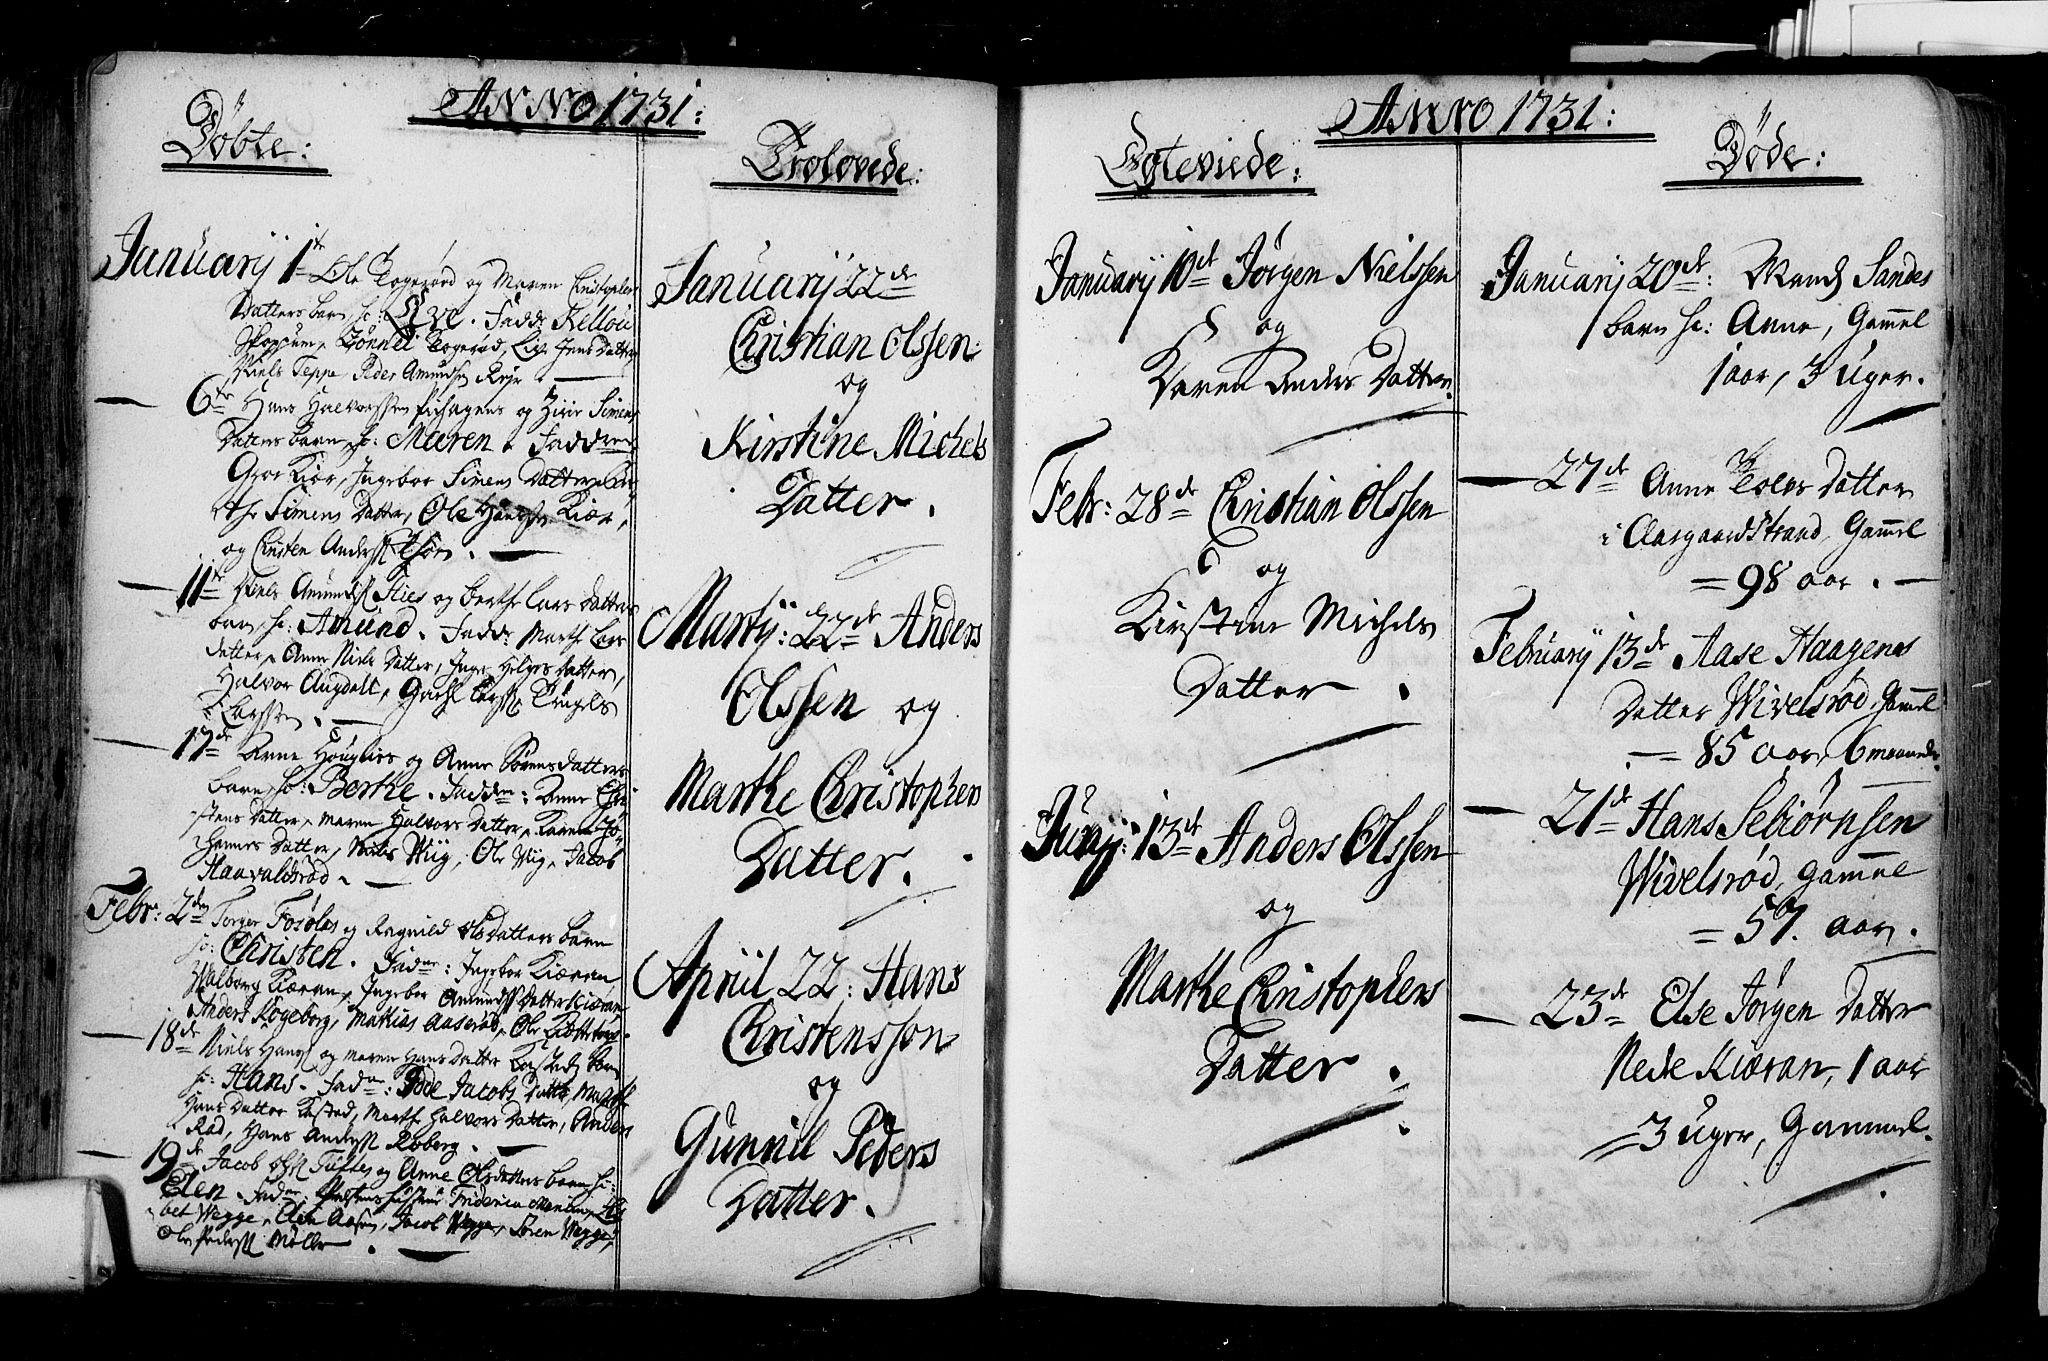 SAKO, Borre kirkebøker, F/Fa/L0001: Ministerialbok nr. I 1, 1710-1750, s. 49